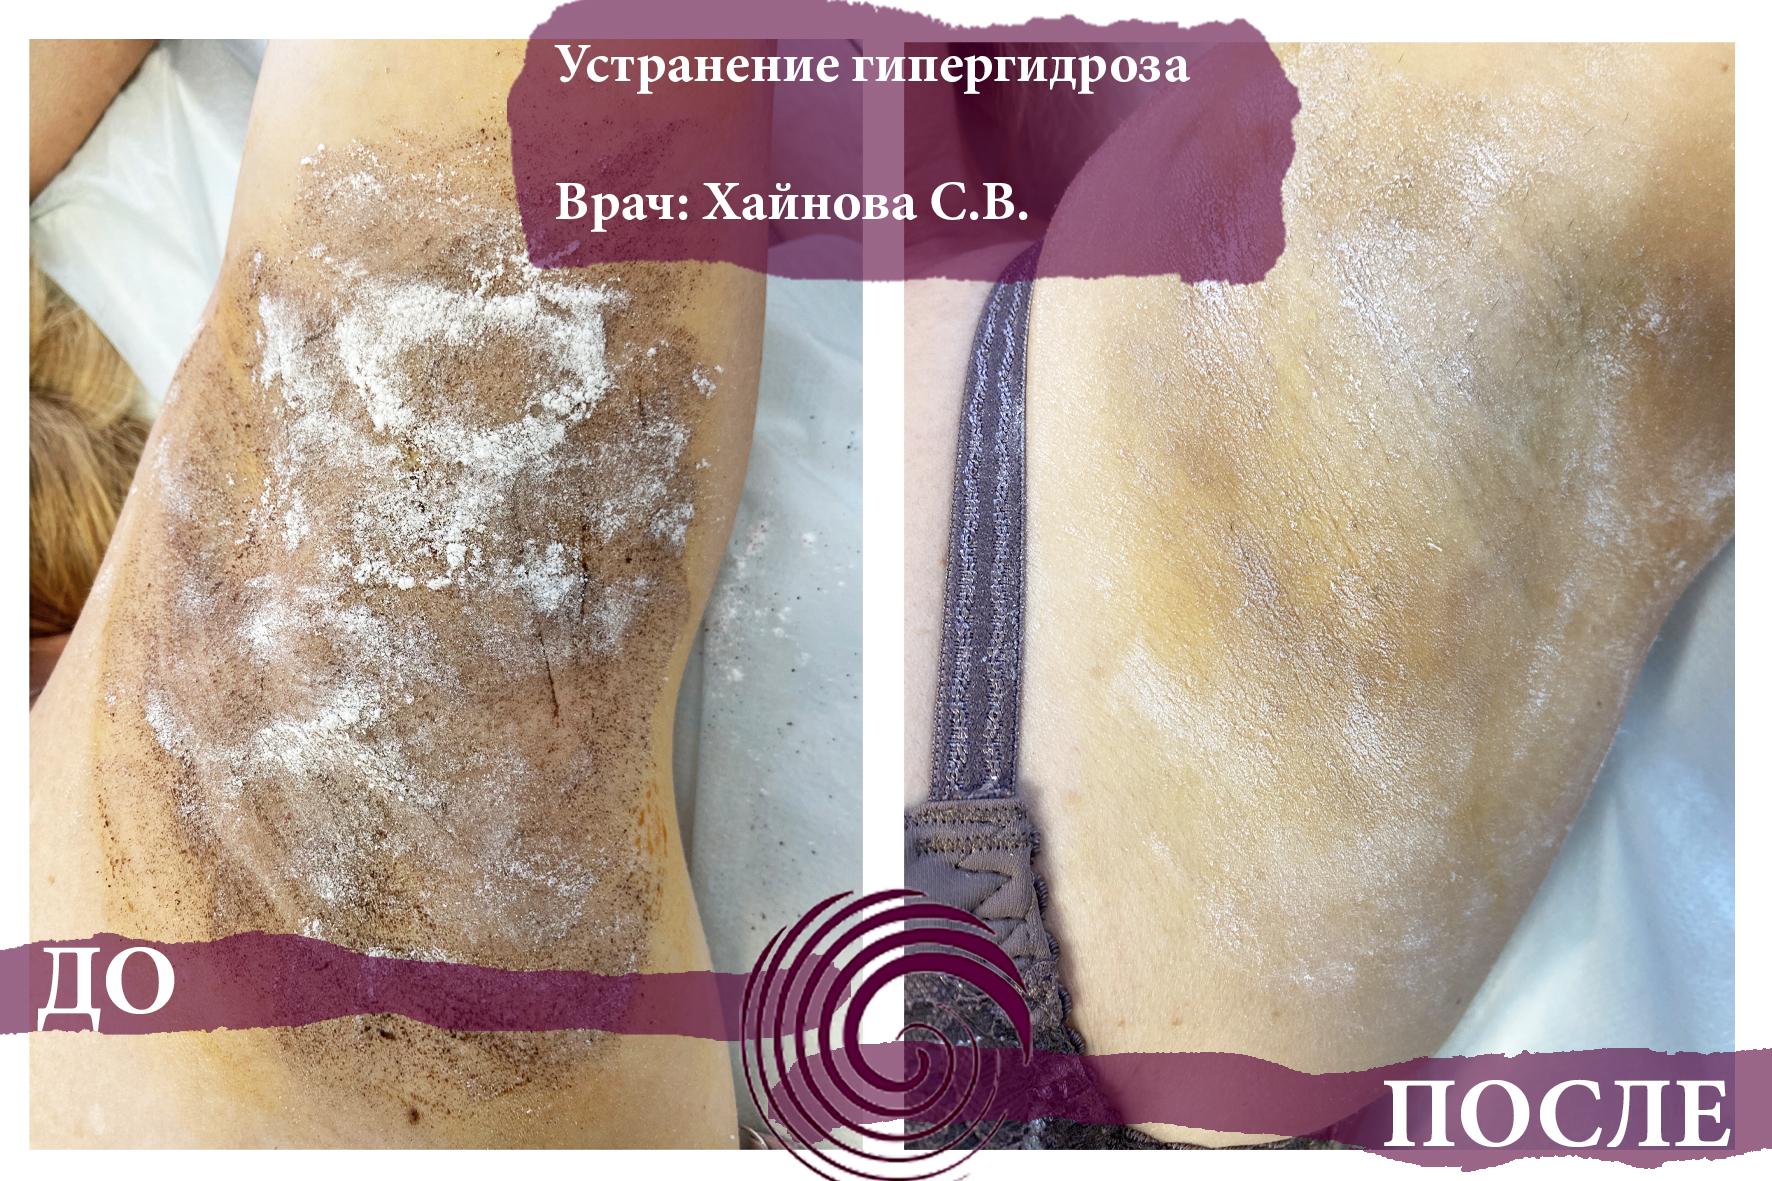 gipergidroz 2 - Ботулотоксин